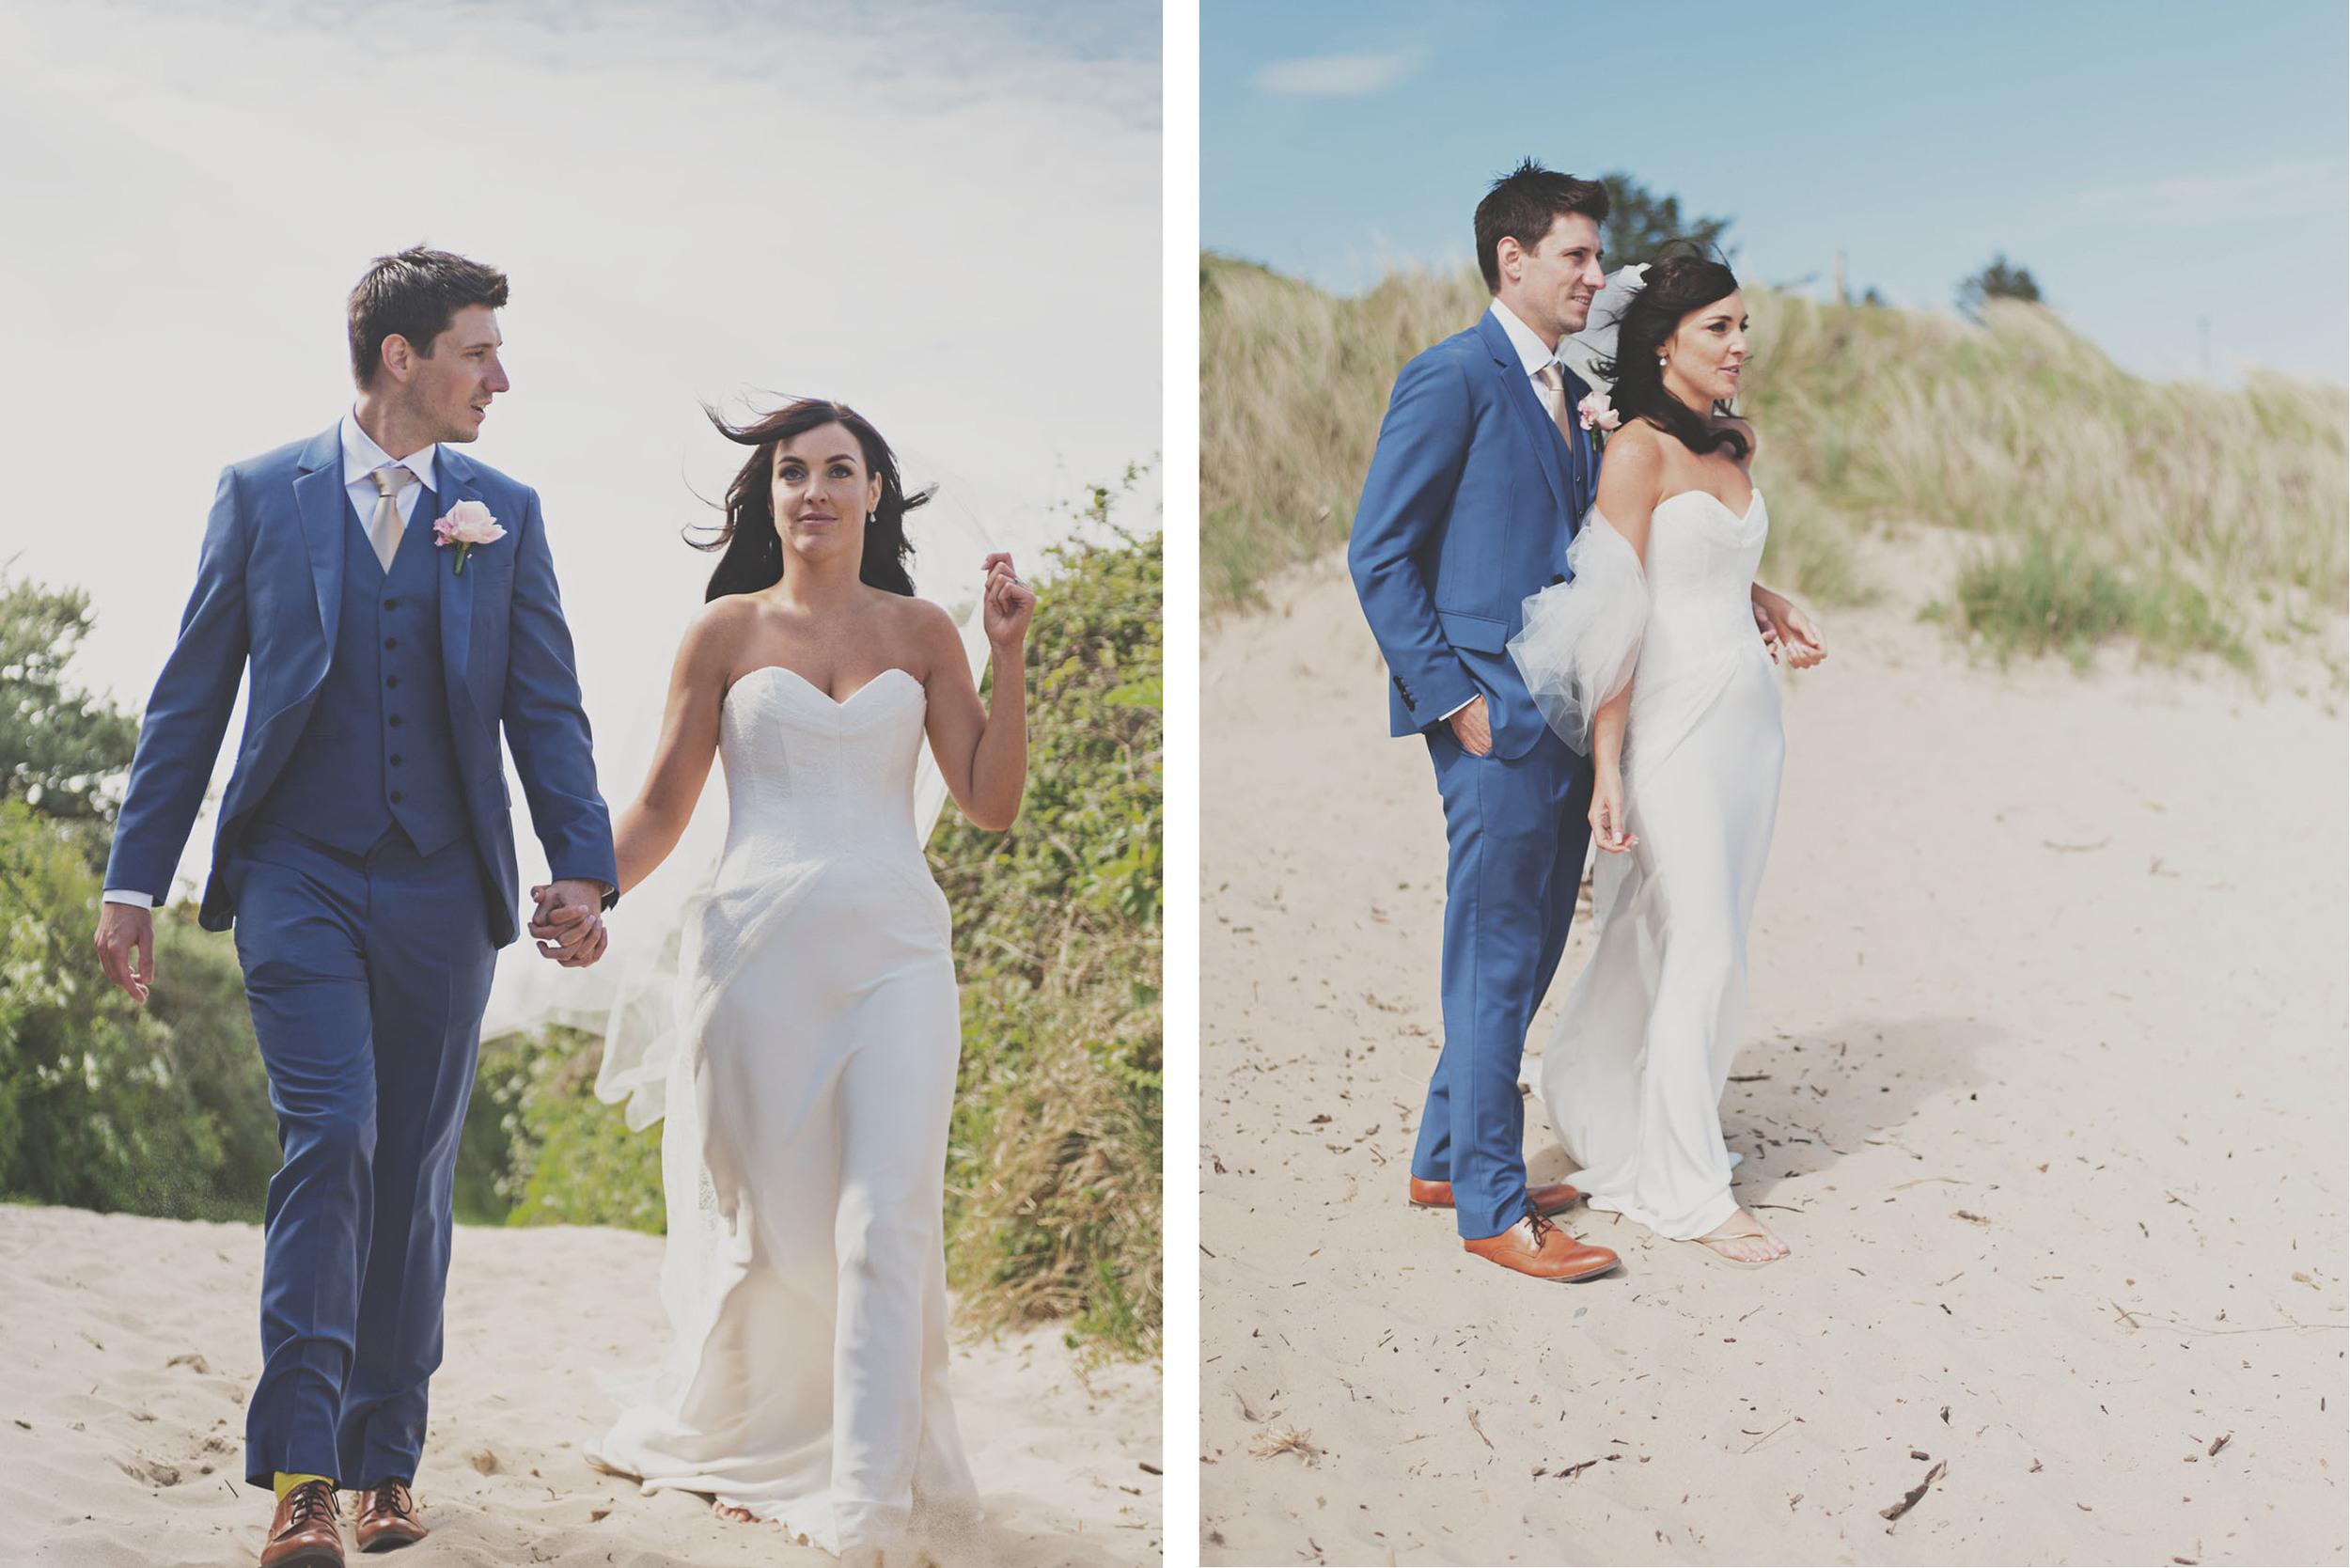 Julie & Matt's Seafield Wedding by Studio33weddings 075.jpg